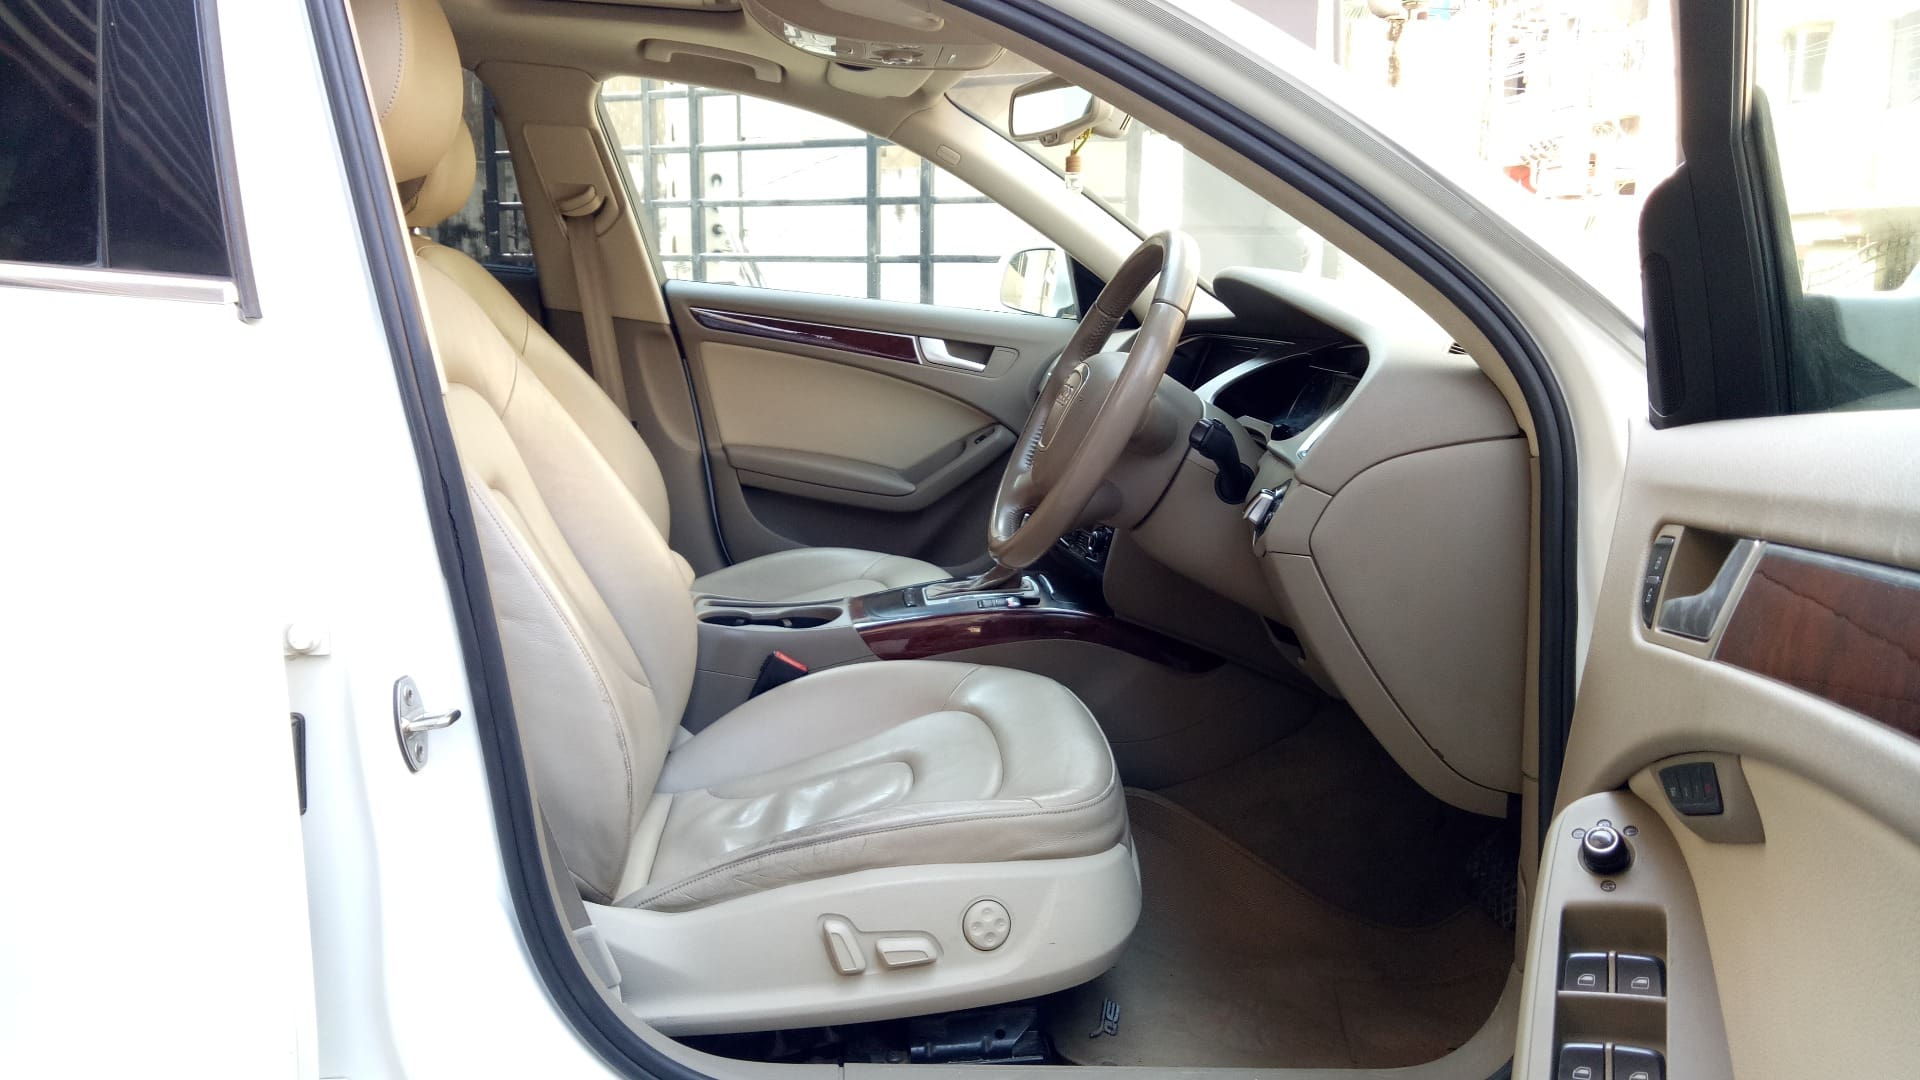 Audi A4 35 TDI Premium Plus